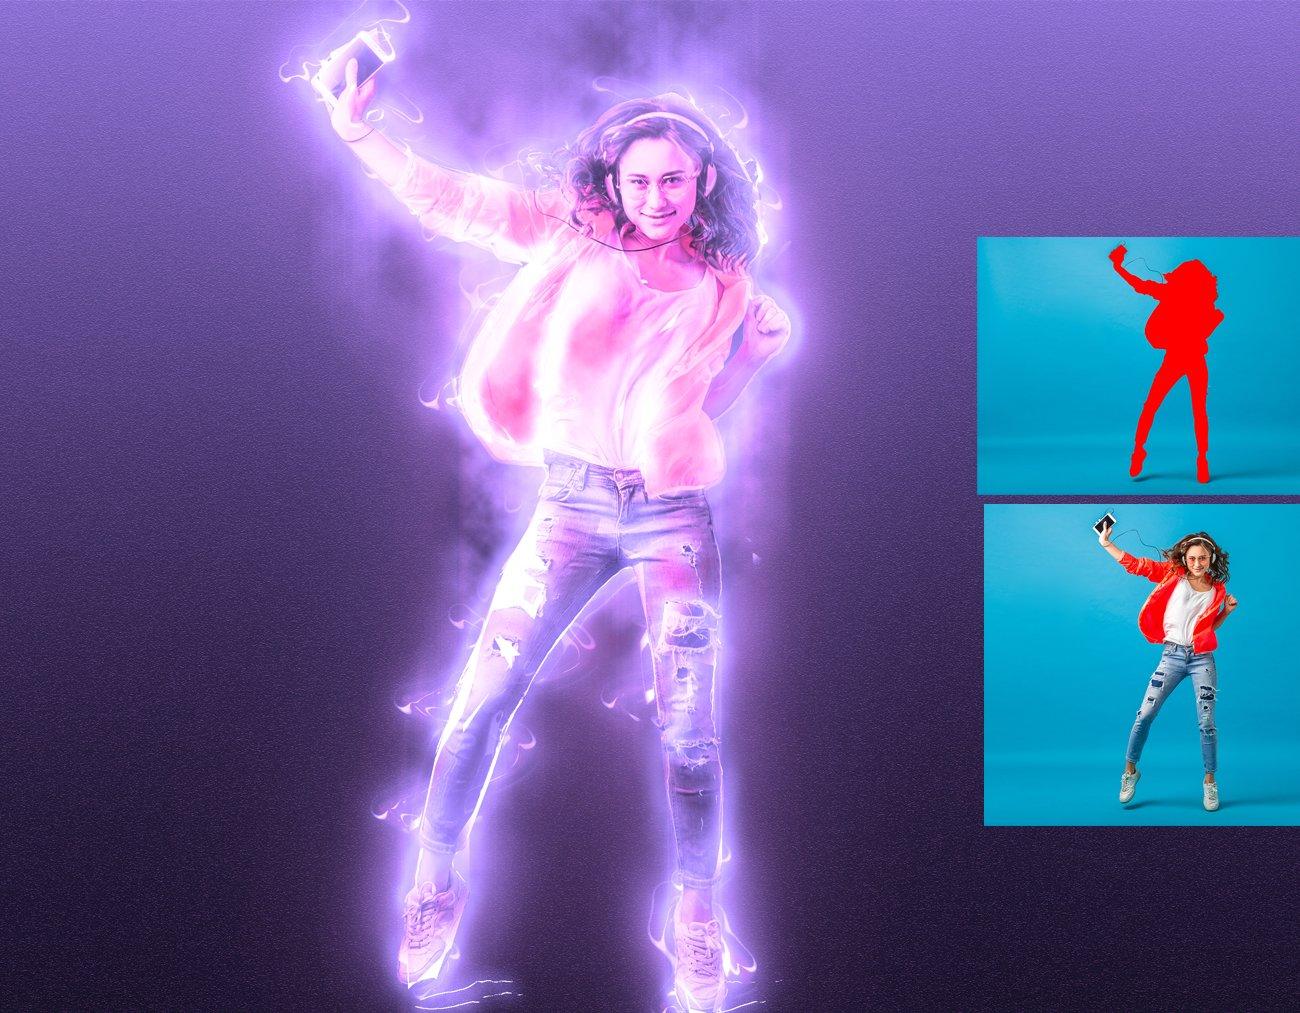 超炫能力发光效果照片处理特效PS动作素材 Light Photoshop Action插图13